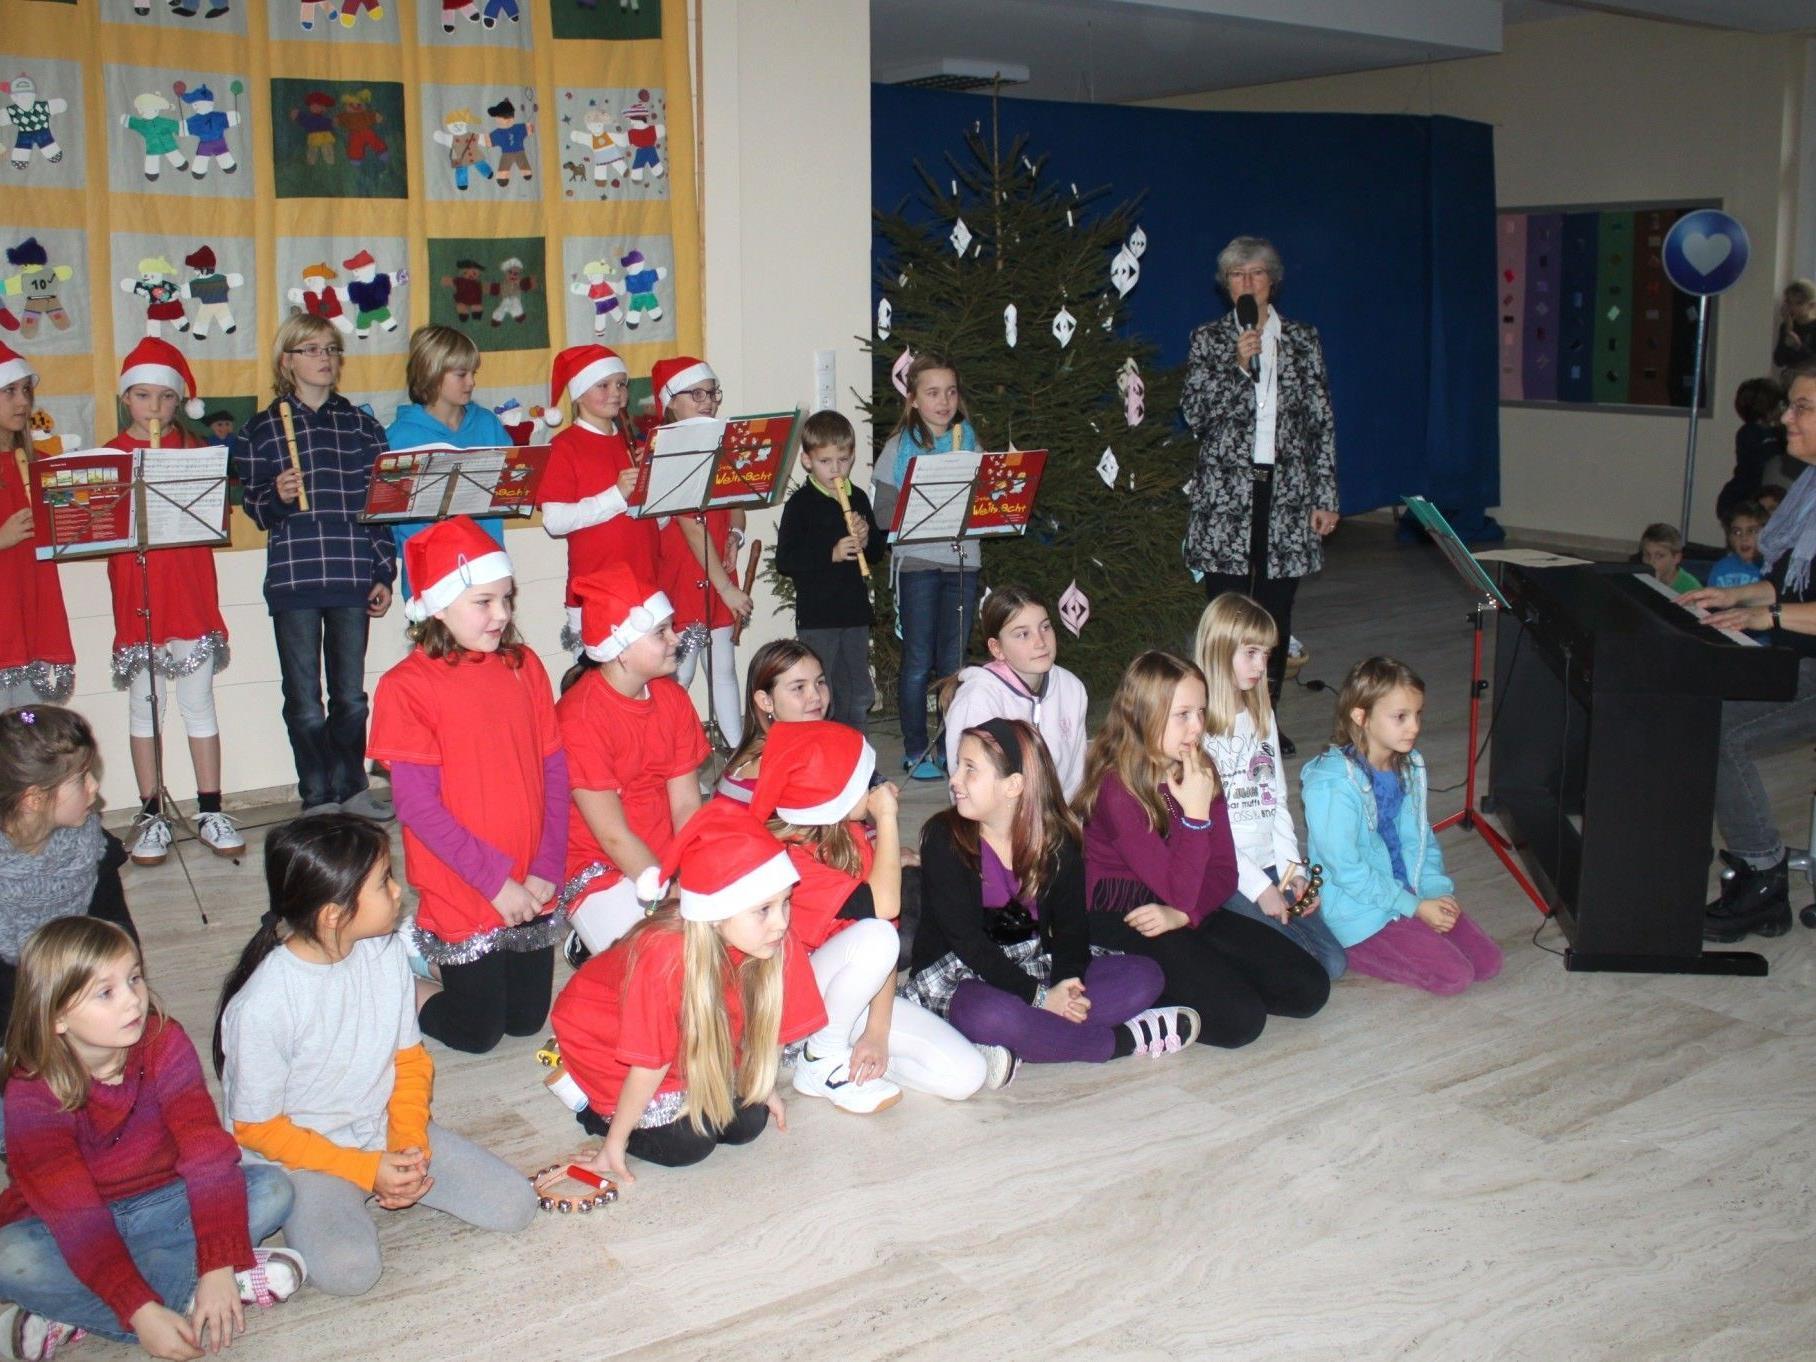 Zur gemeinsamen Weihnachtsfeier konnte Volksschuldirektorin Andrea Rüdisser-Sagmeister Schüler und Lehrpersonen sowie zahlreiche Eltern willkommen heißen.